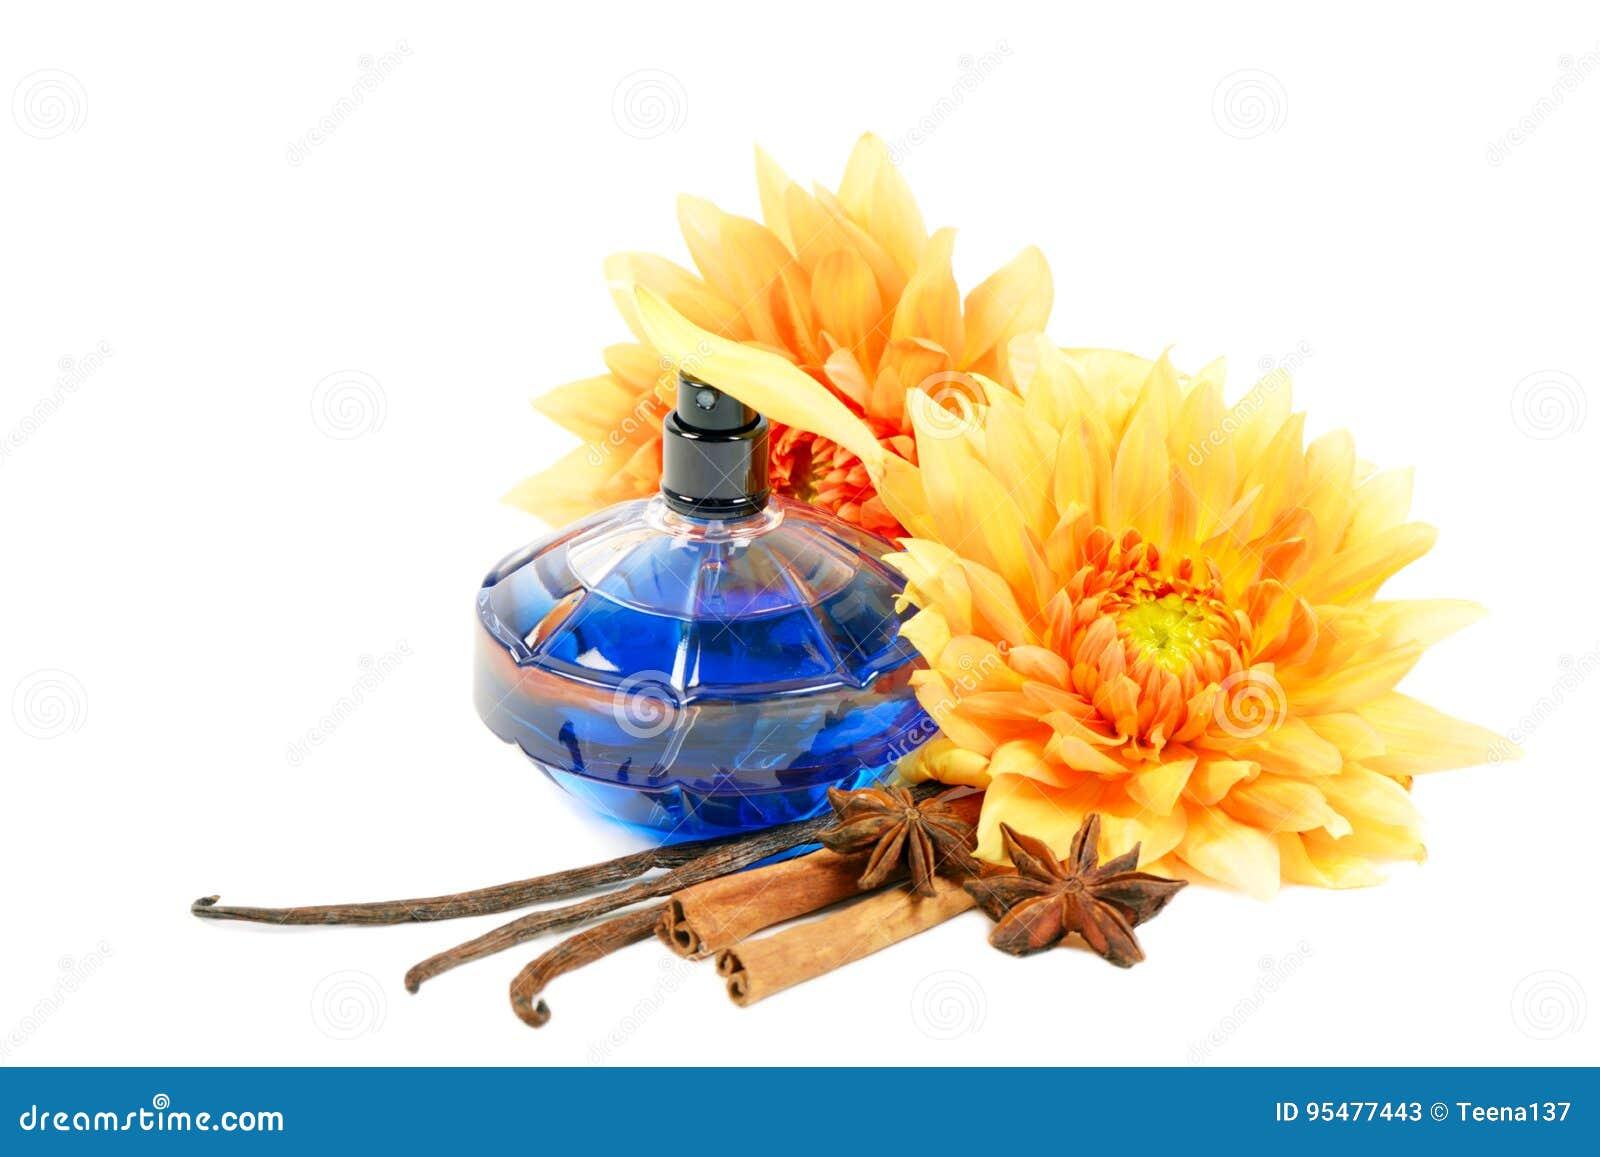 Pachnidło, kwiaty i pikantność,